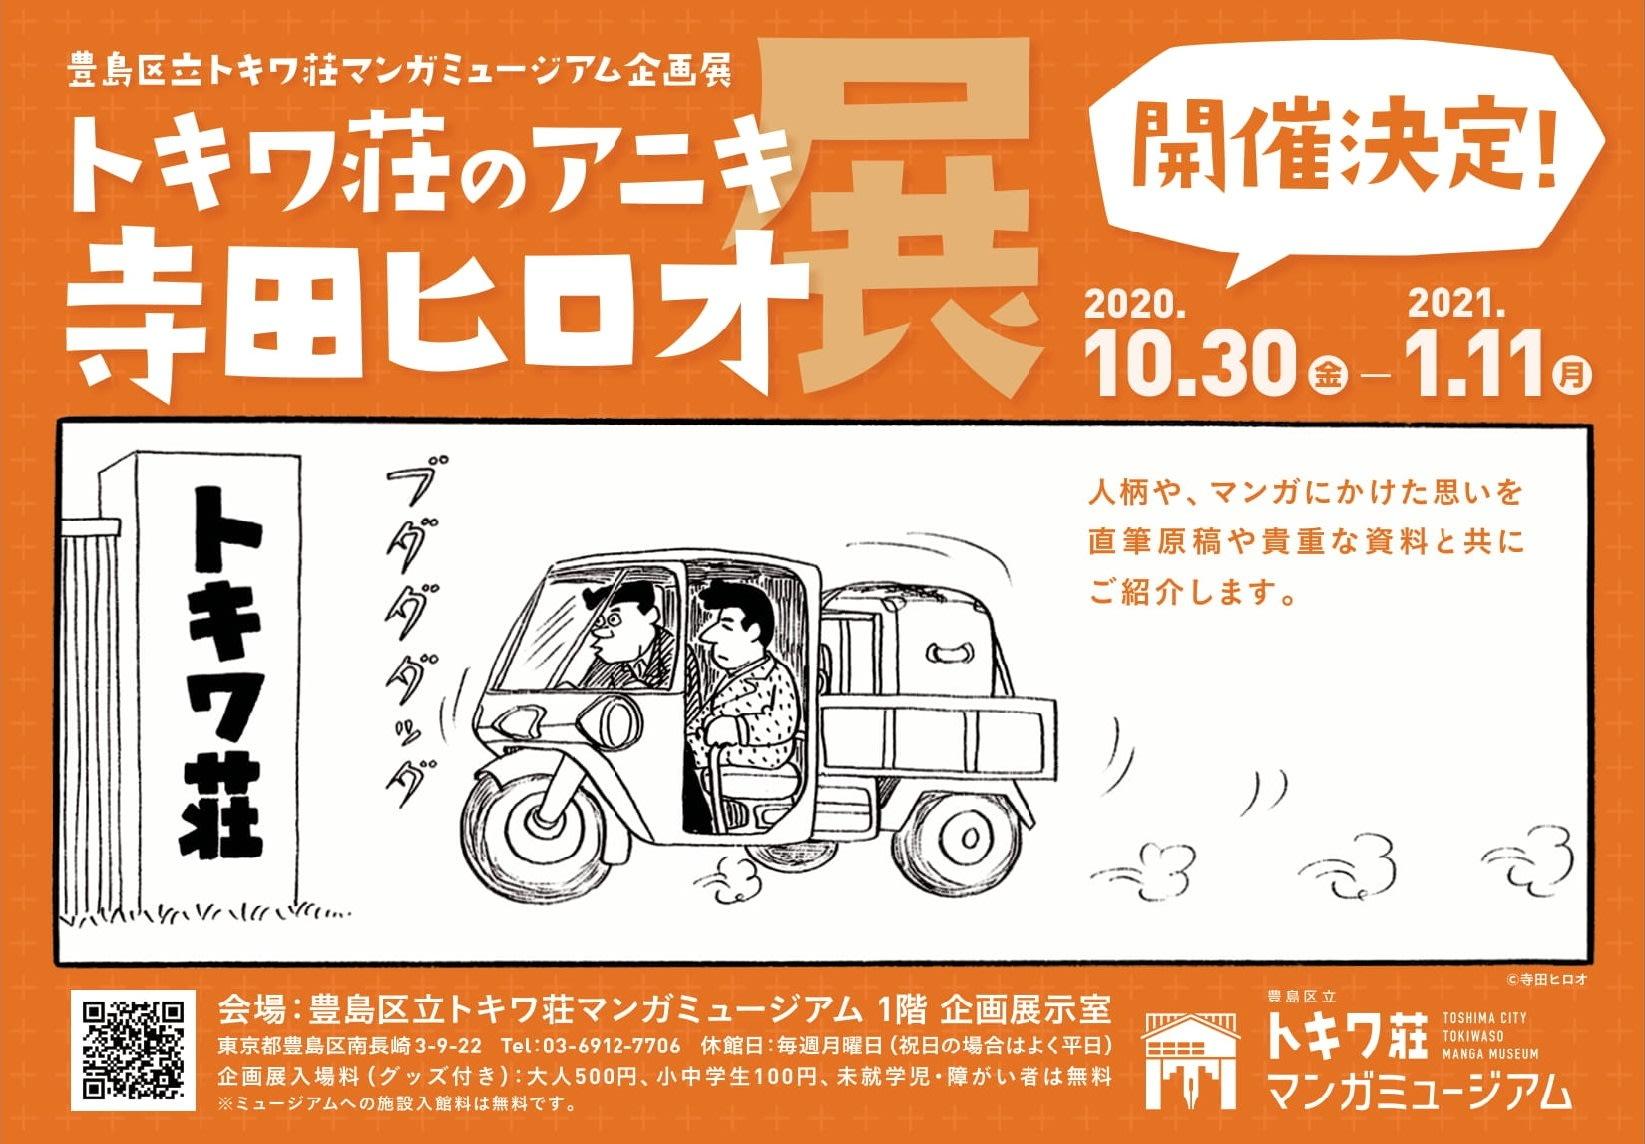 トキワ荘のアニキ 寺田ヒロオ展